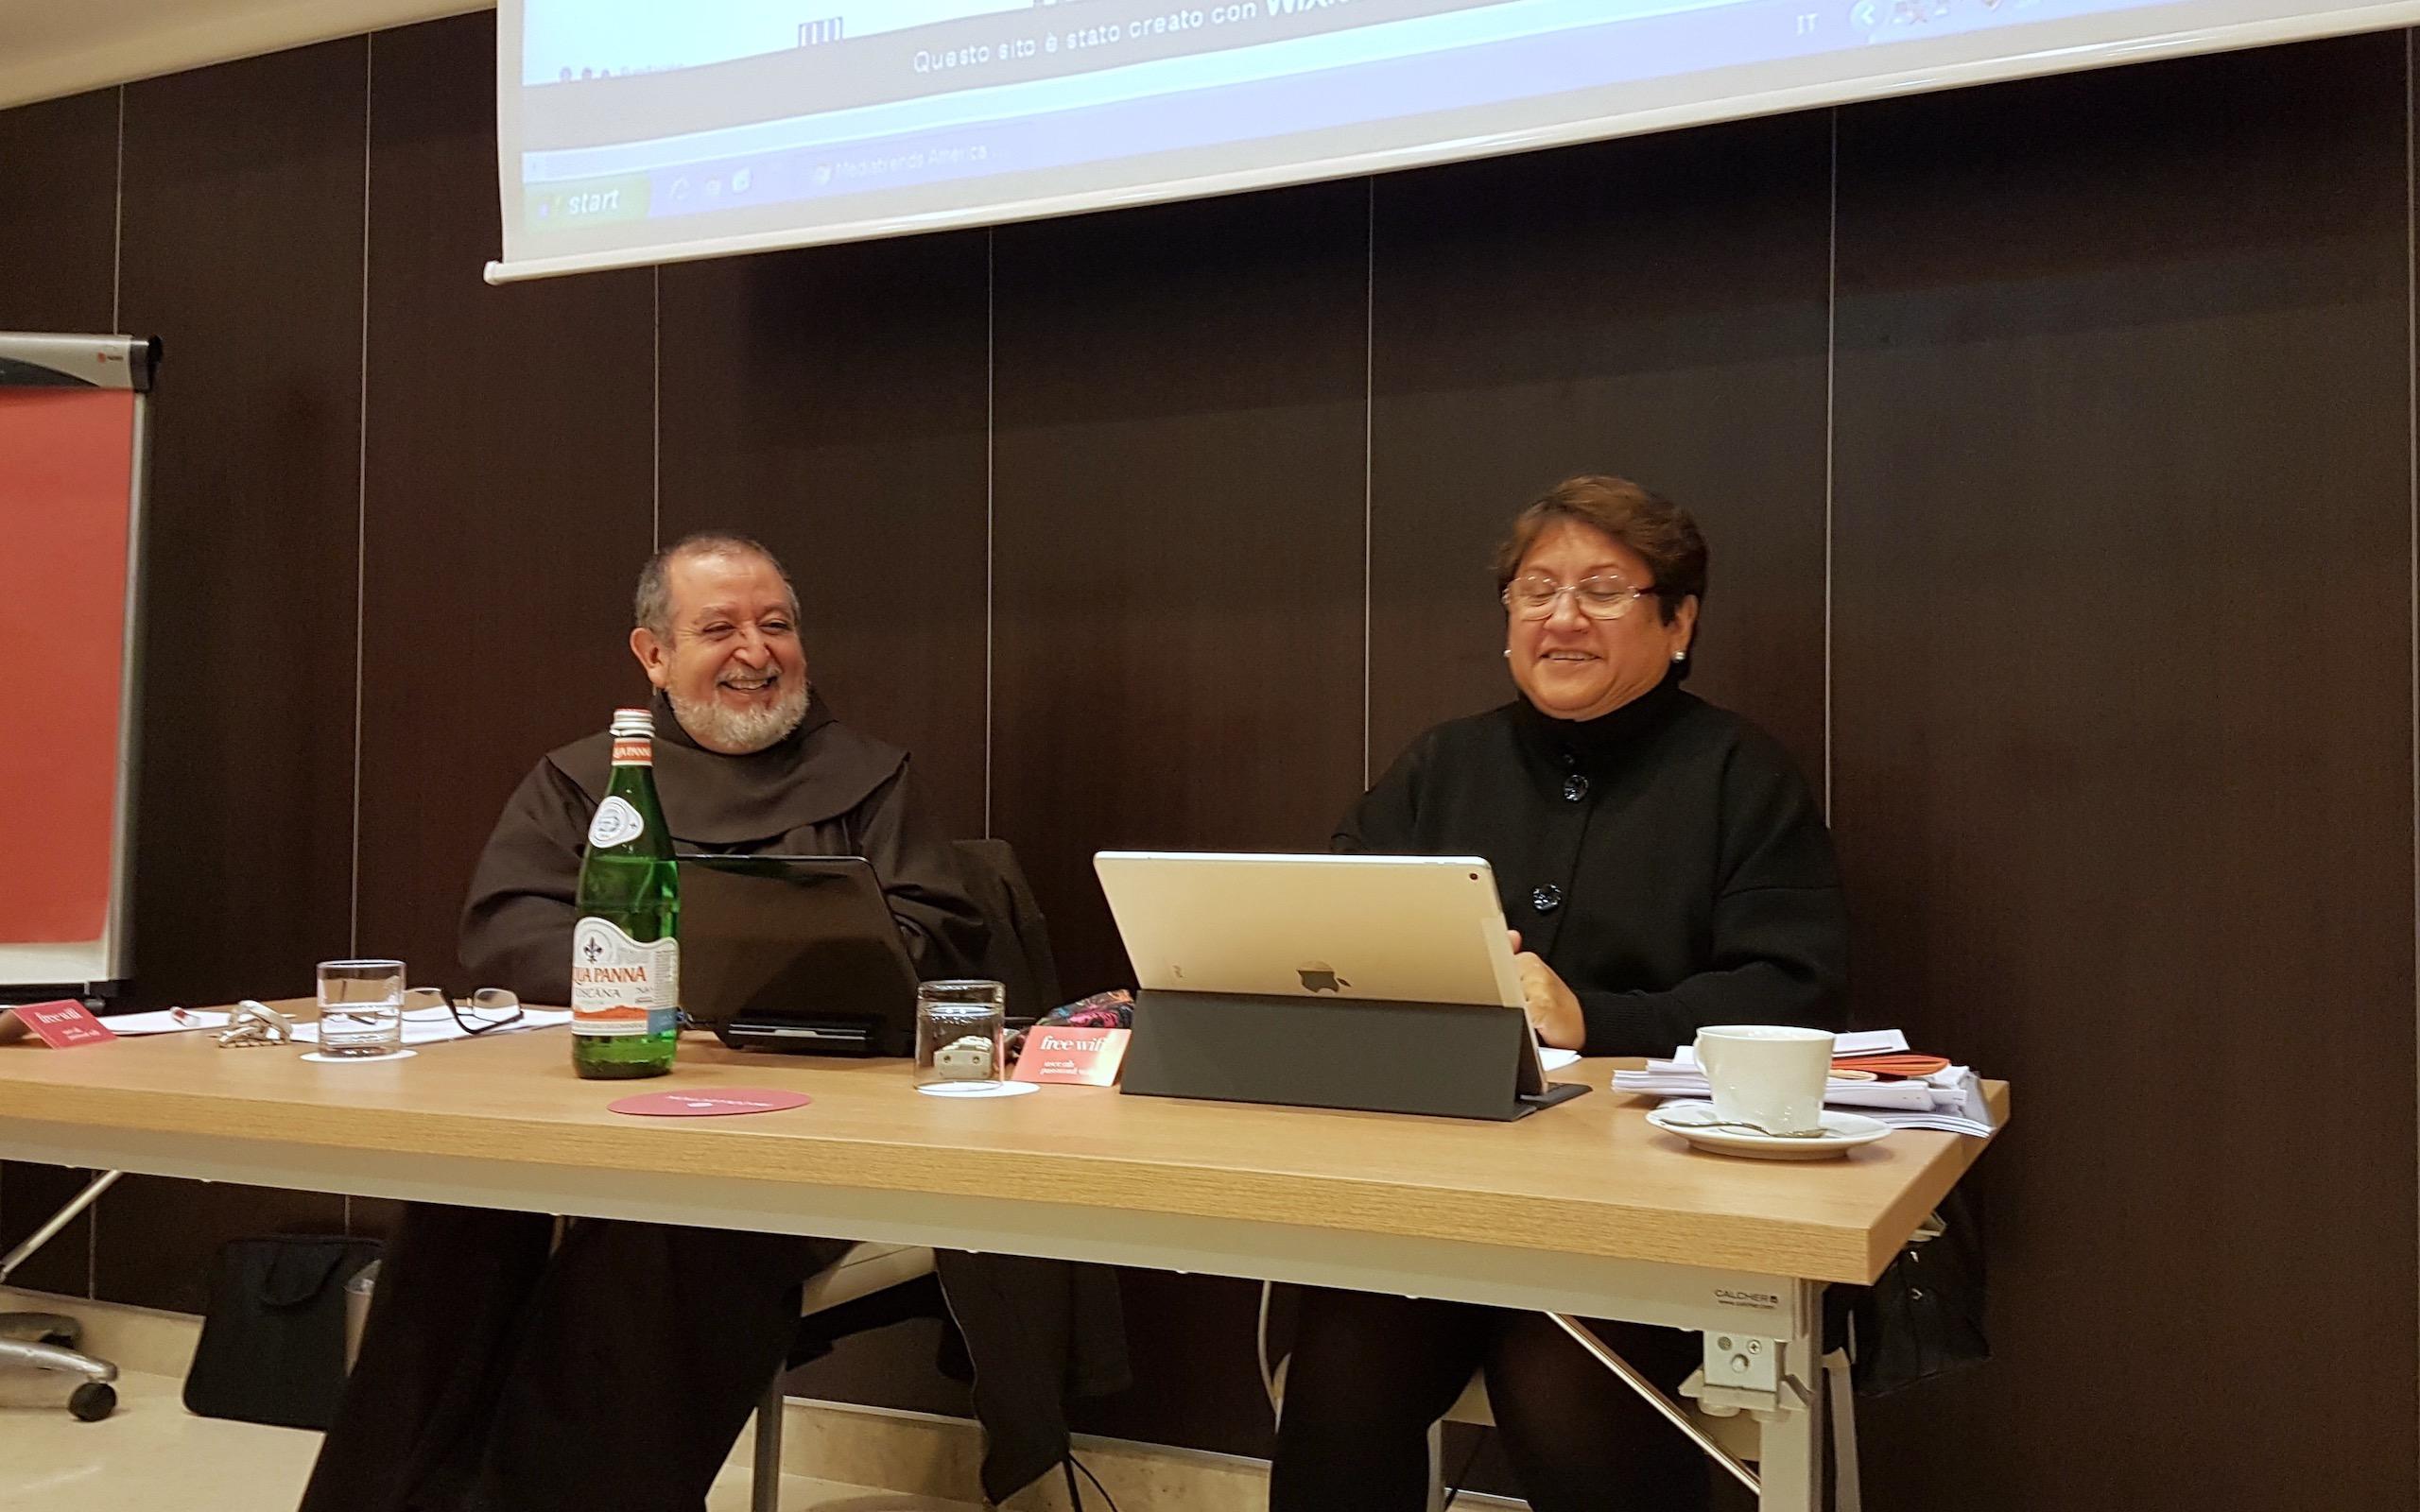 La embajadora María Elvira Velásquez y el decano Jorge Horta © Sergio Mora